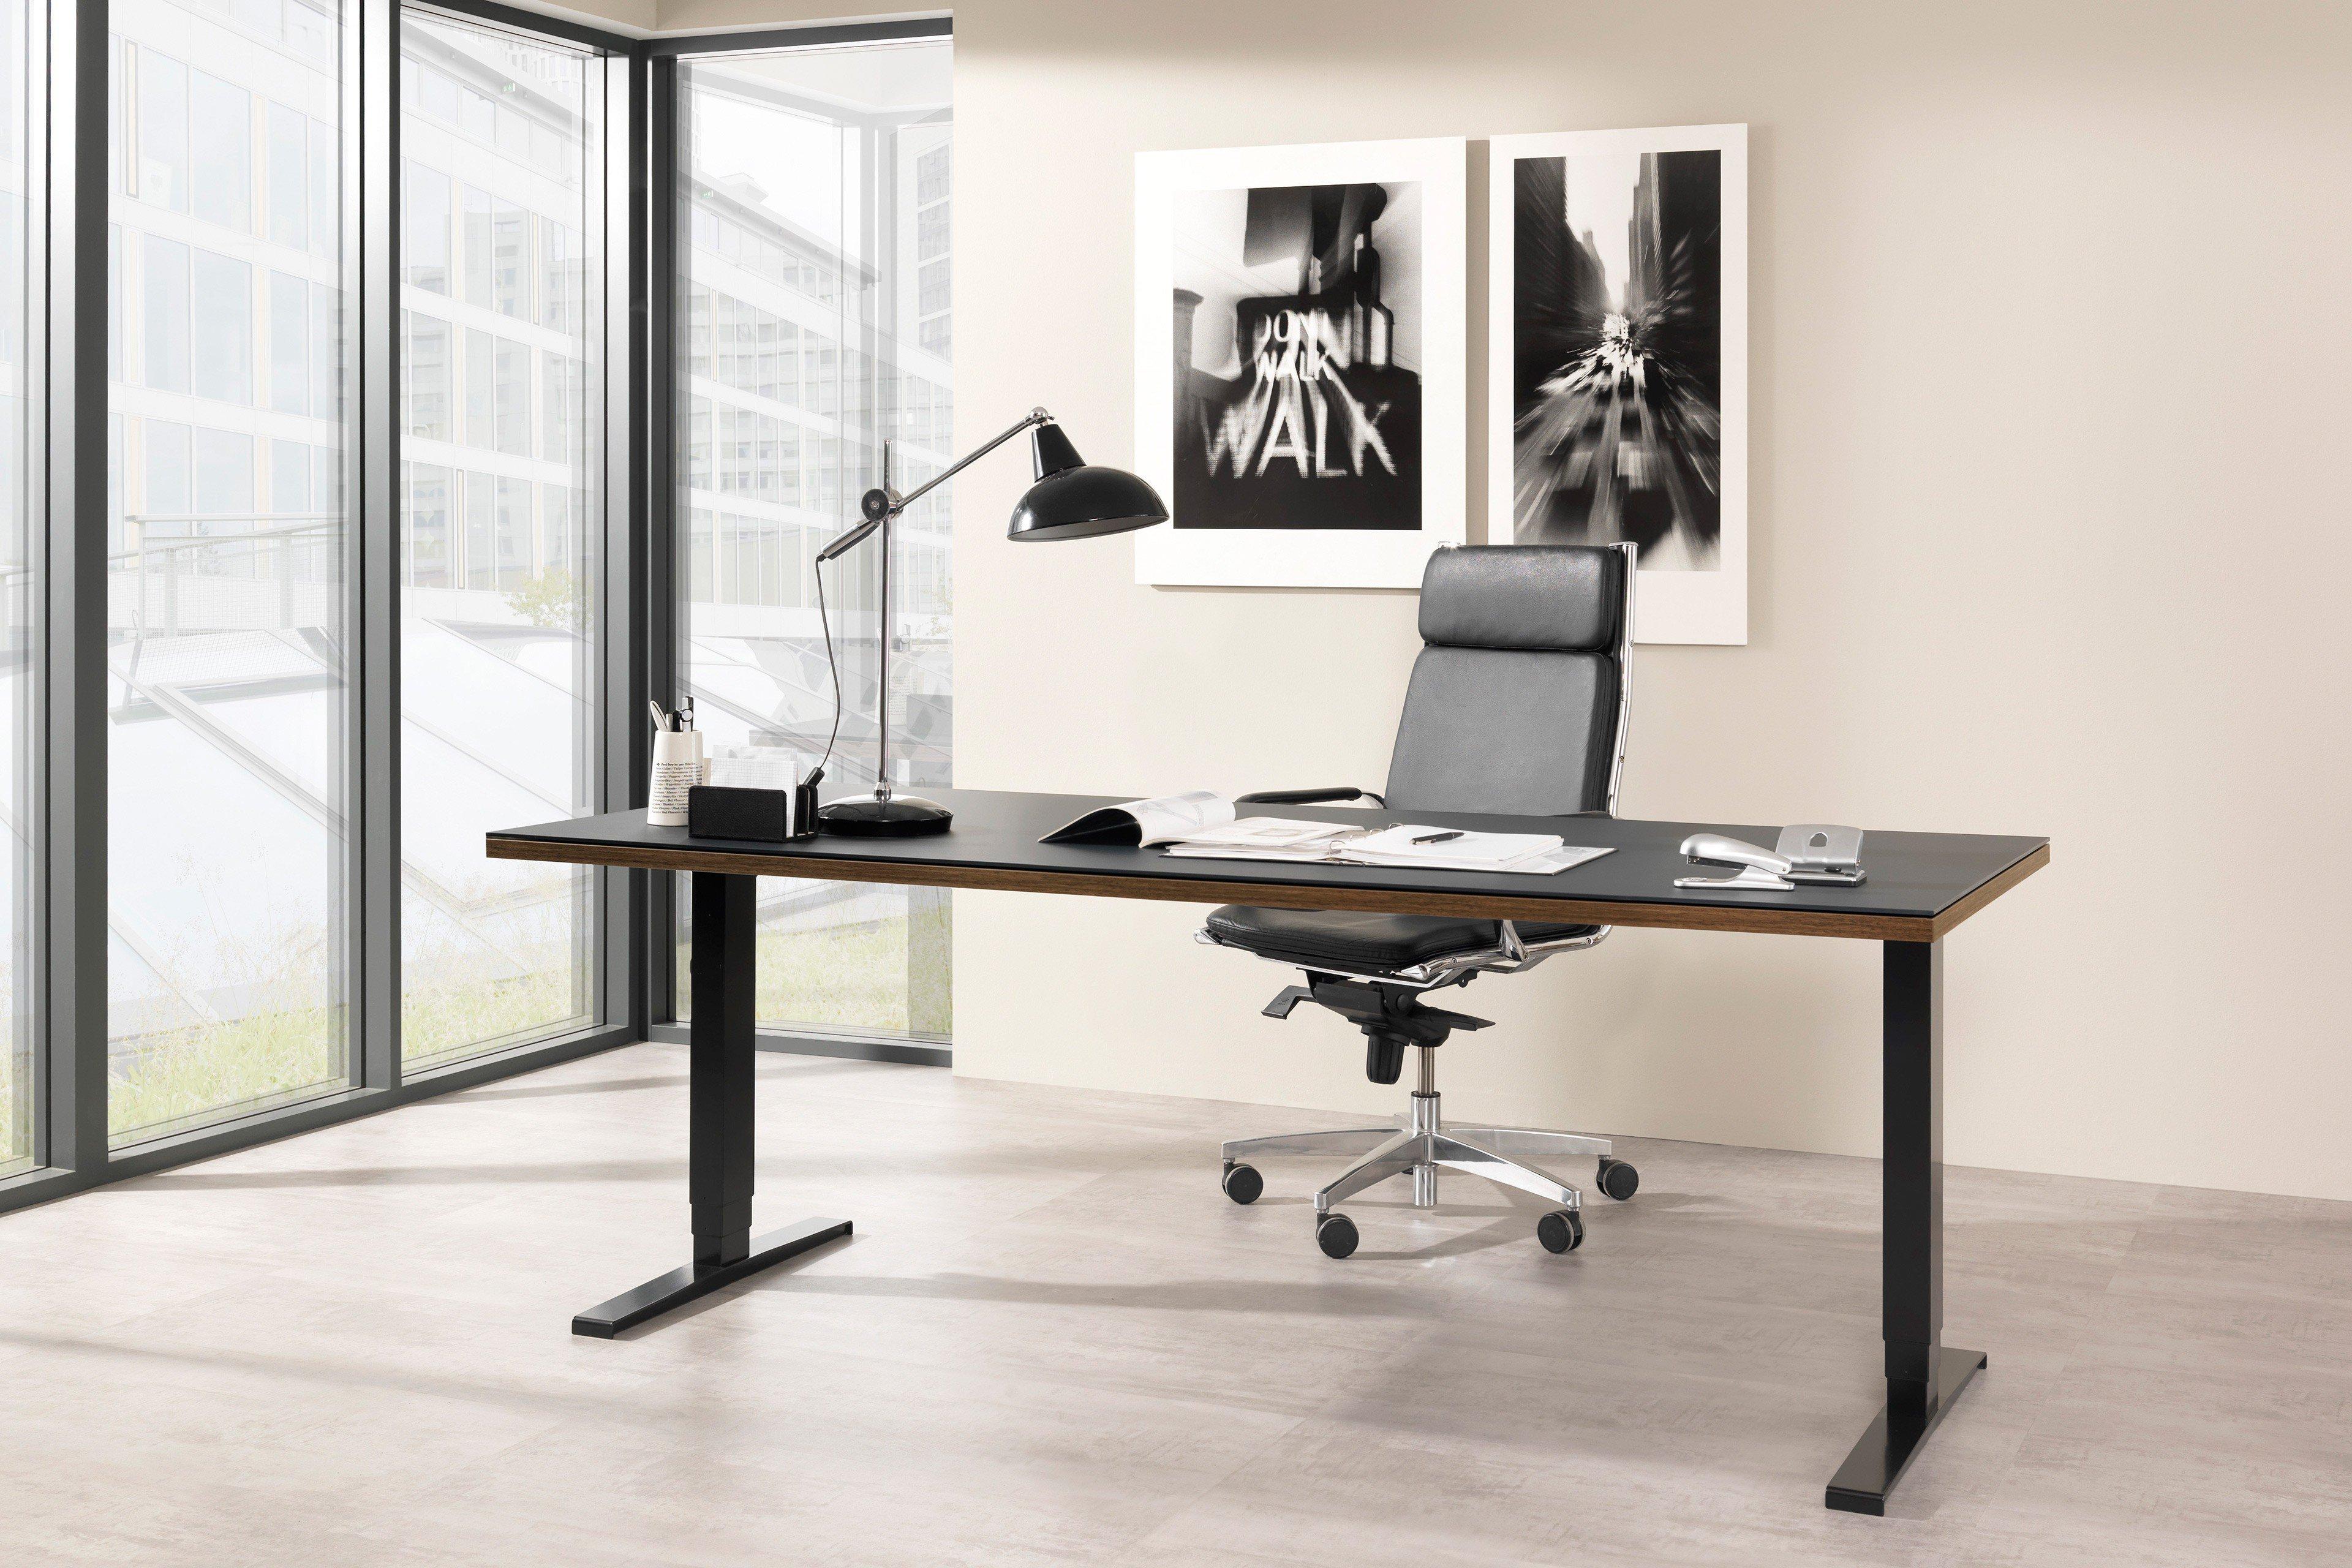 welle focus schreibtisch elektrisch h henverstellbar m bel letz ihr online shop. Black Bedroom Furniture Sets. Home Design Ideas